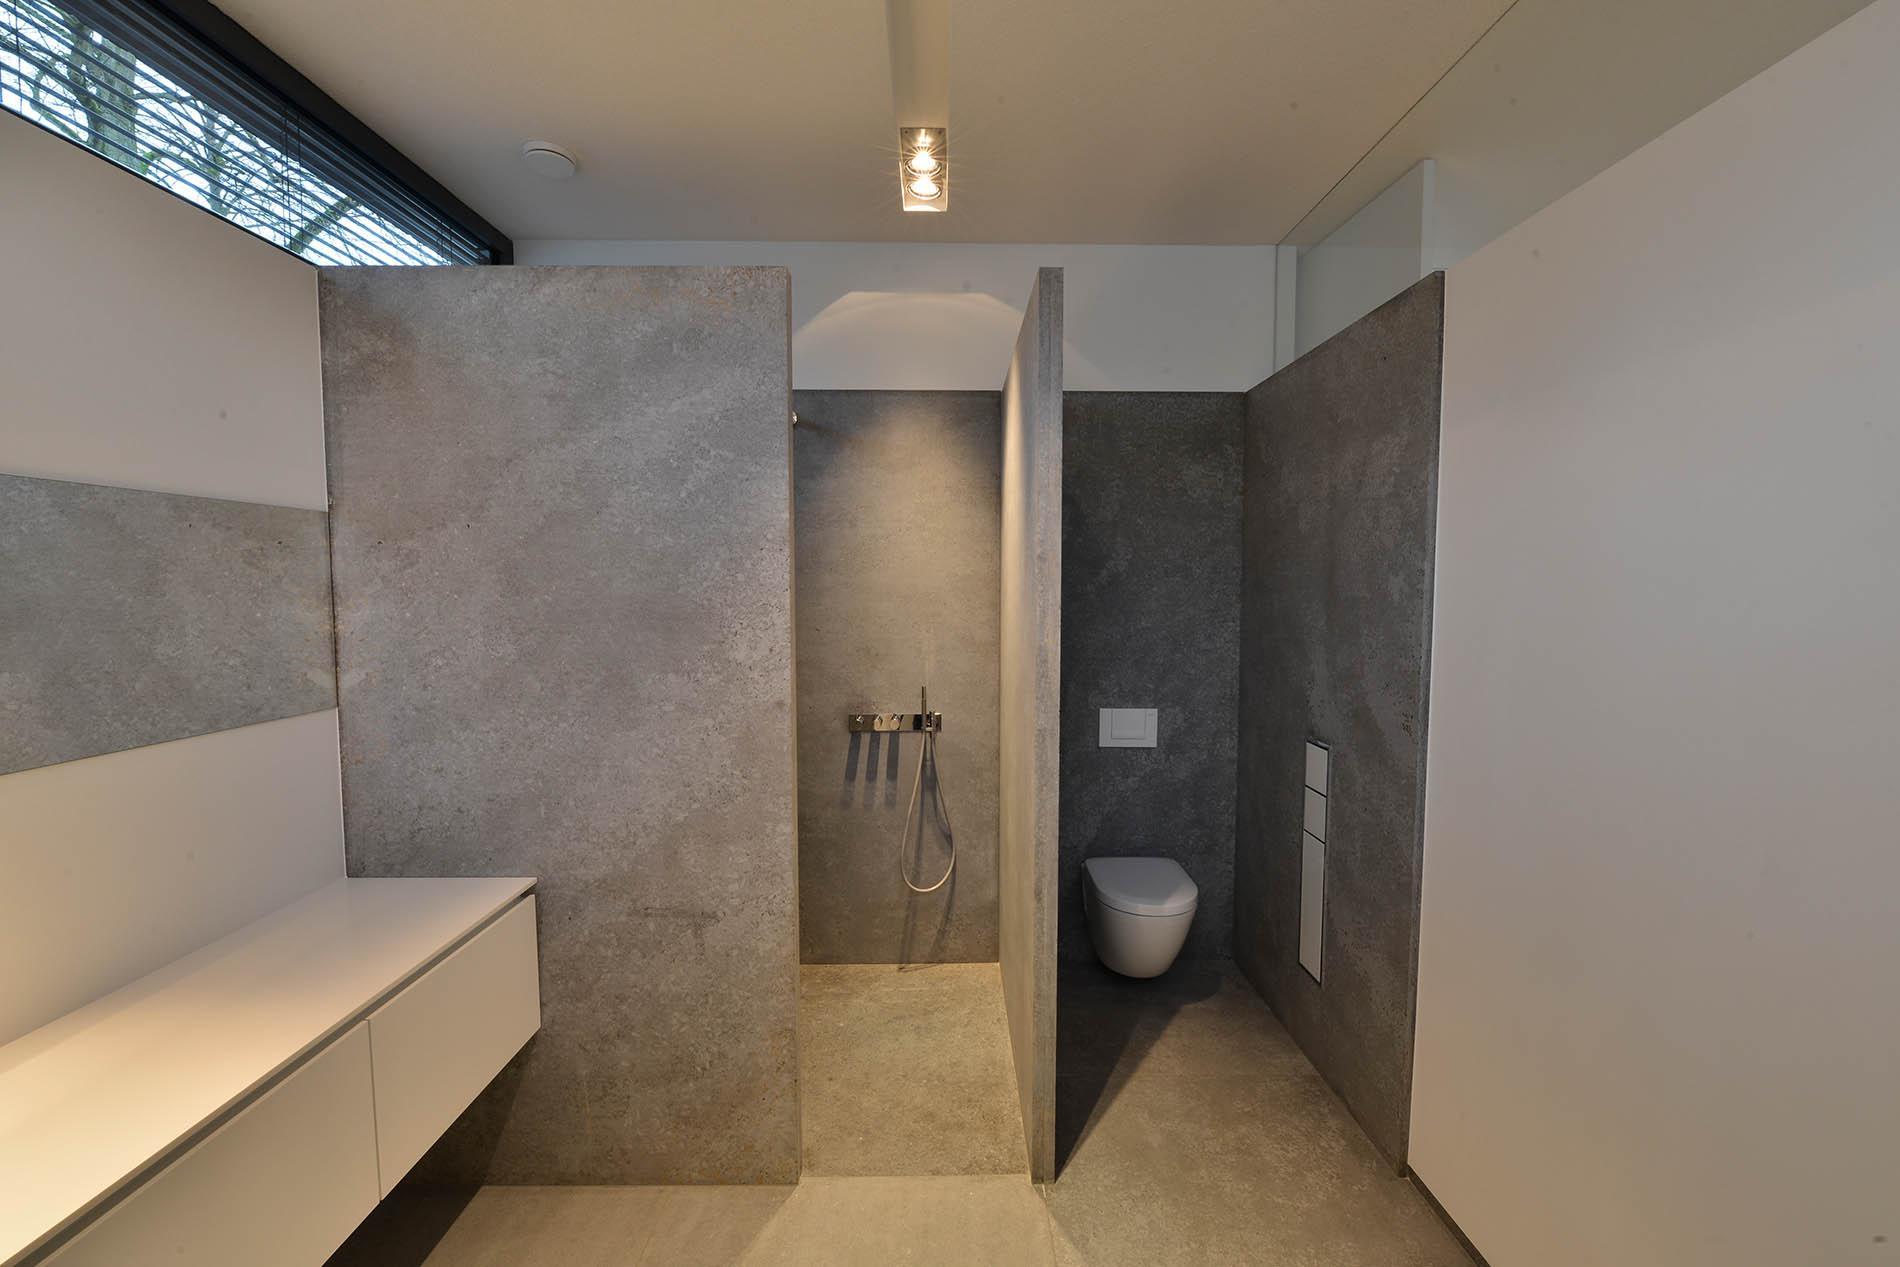 Dusche Bodenplatten Trittplatten Verkleidungsplatten aus Kohlplatter Muschelkalk von TRACO